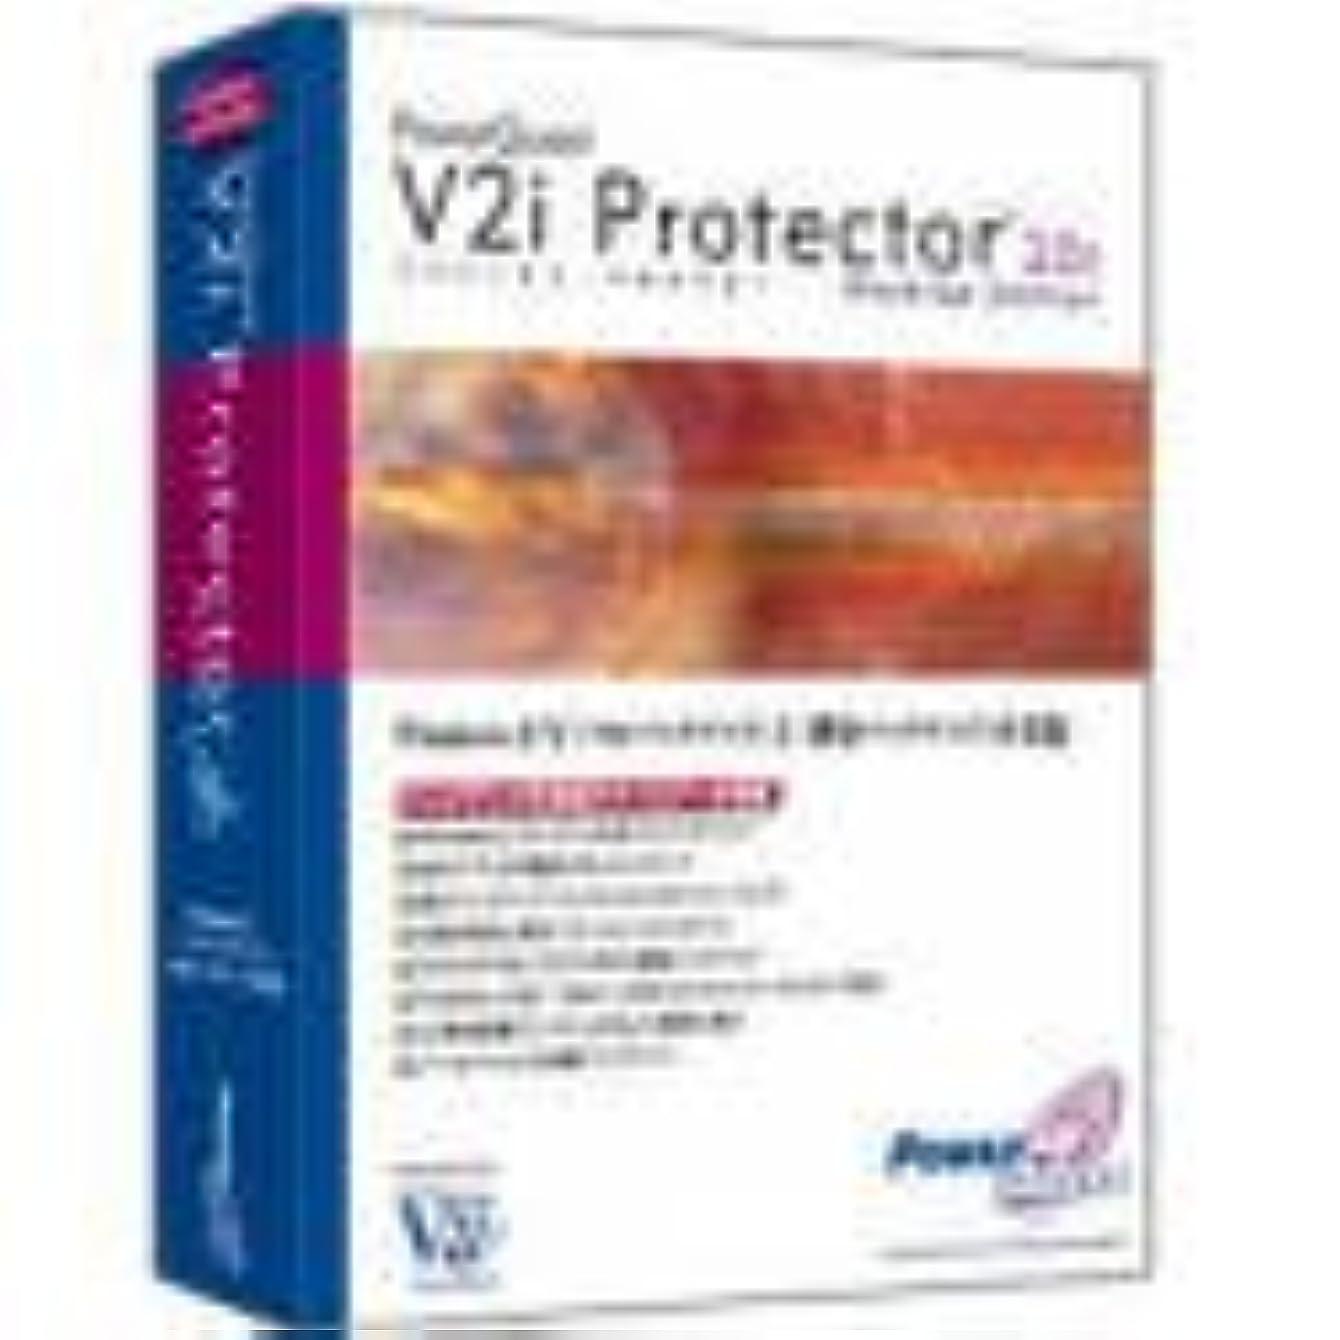 あさり比喩スローガンPowerQuest V2i Protector 2.03 Desktop Edition